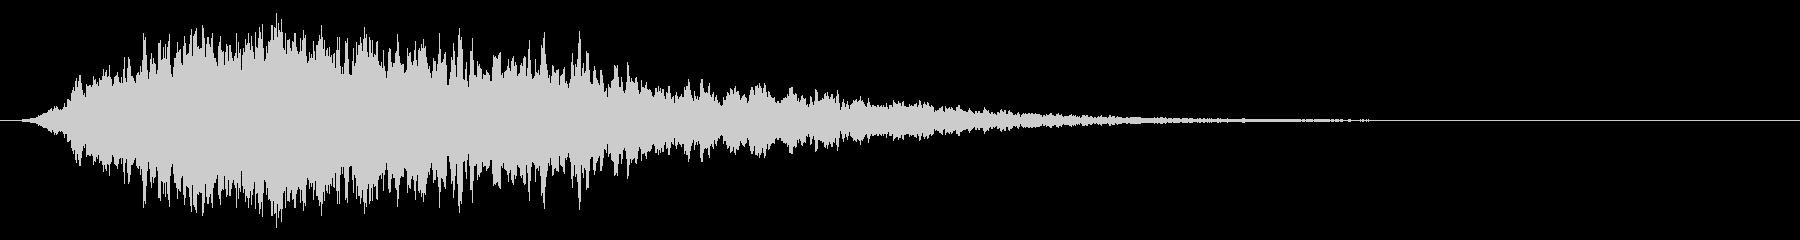 和音フワーンシャーン(不安な、不穏な)の未再生の波形